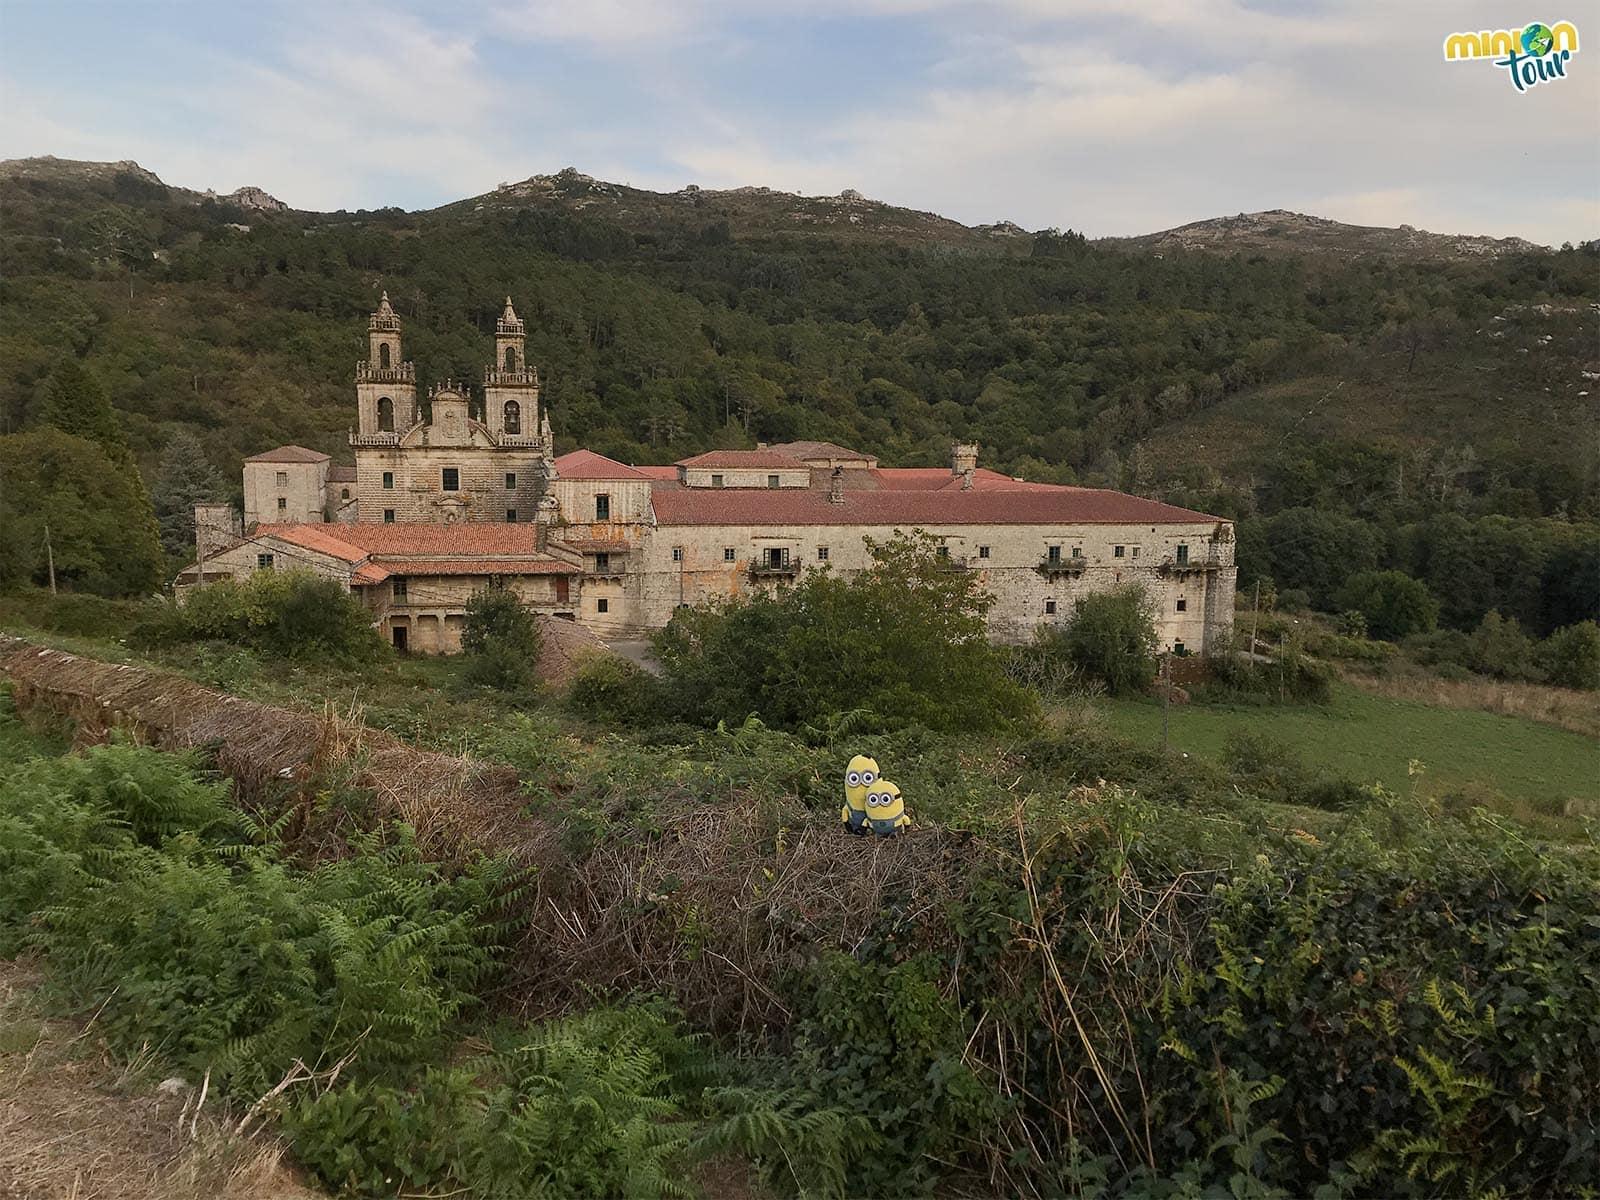 Buscando pulpo en el Monasterio de Oseira